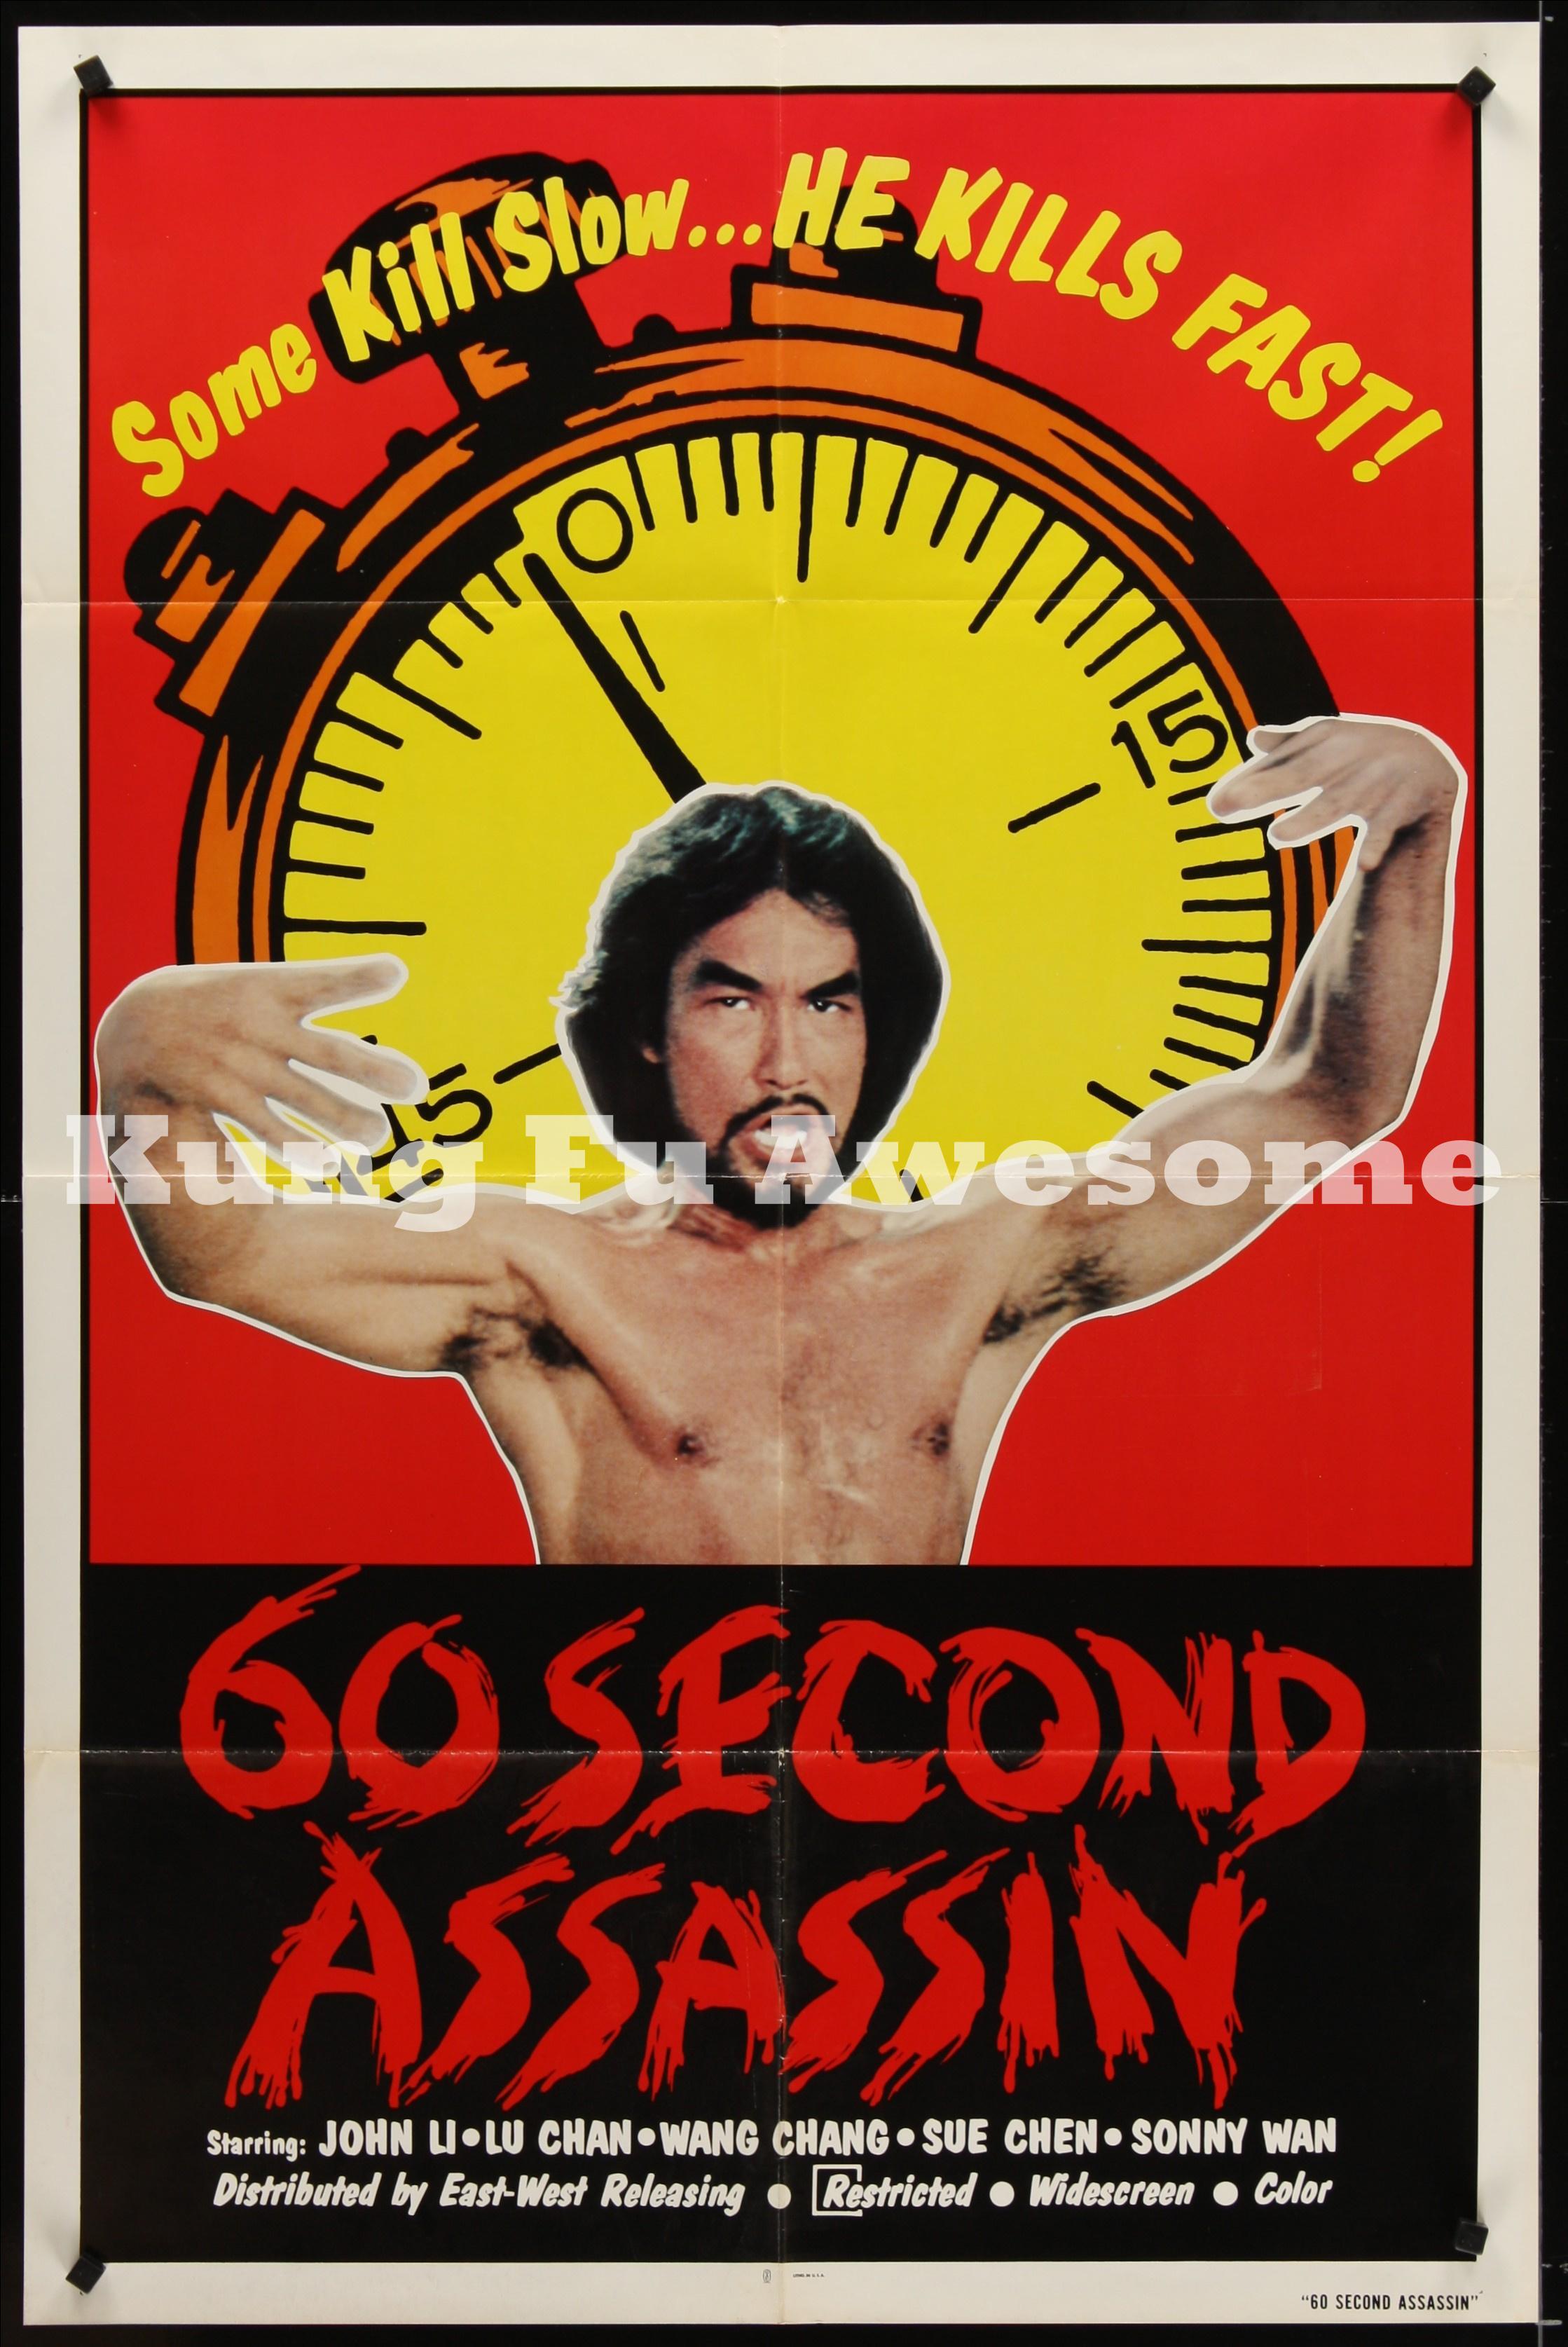 60_second_assassin_JC03136_L.jpg